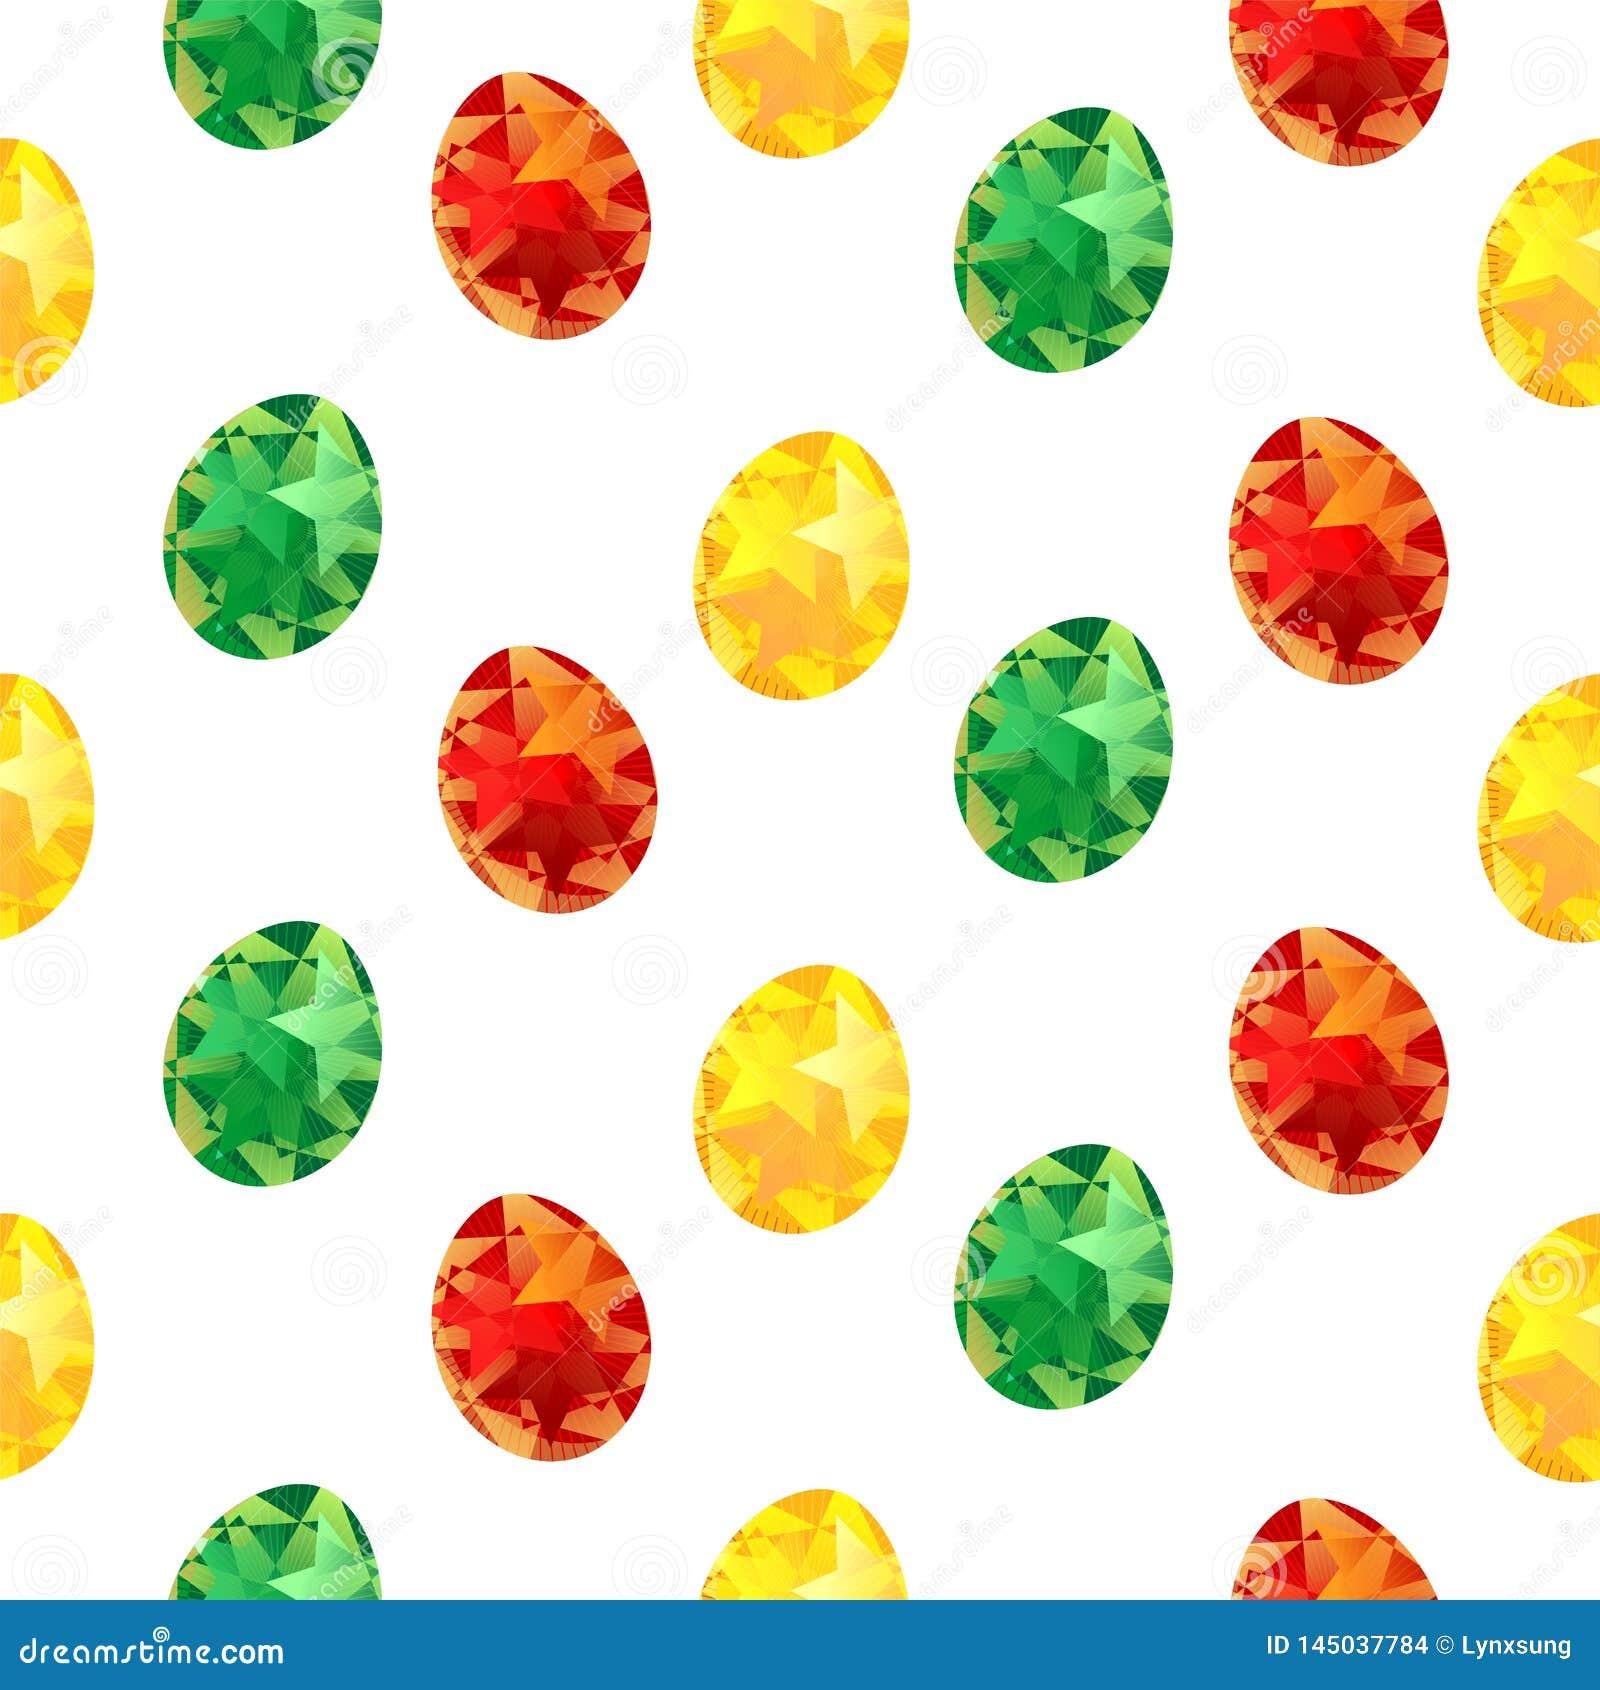 άνευ ραφής σχέδιο Πάσχας με τα ζωηρόχρωμα χρωματισμένα αυγά, διακοπές